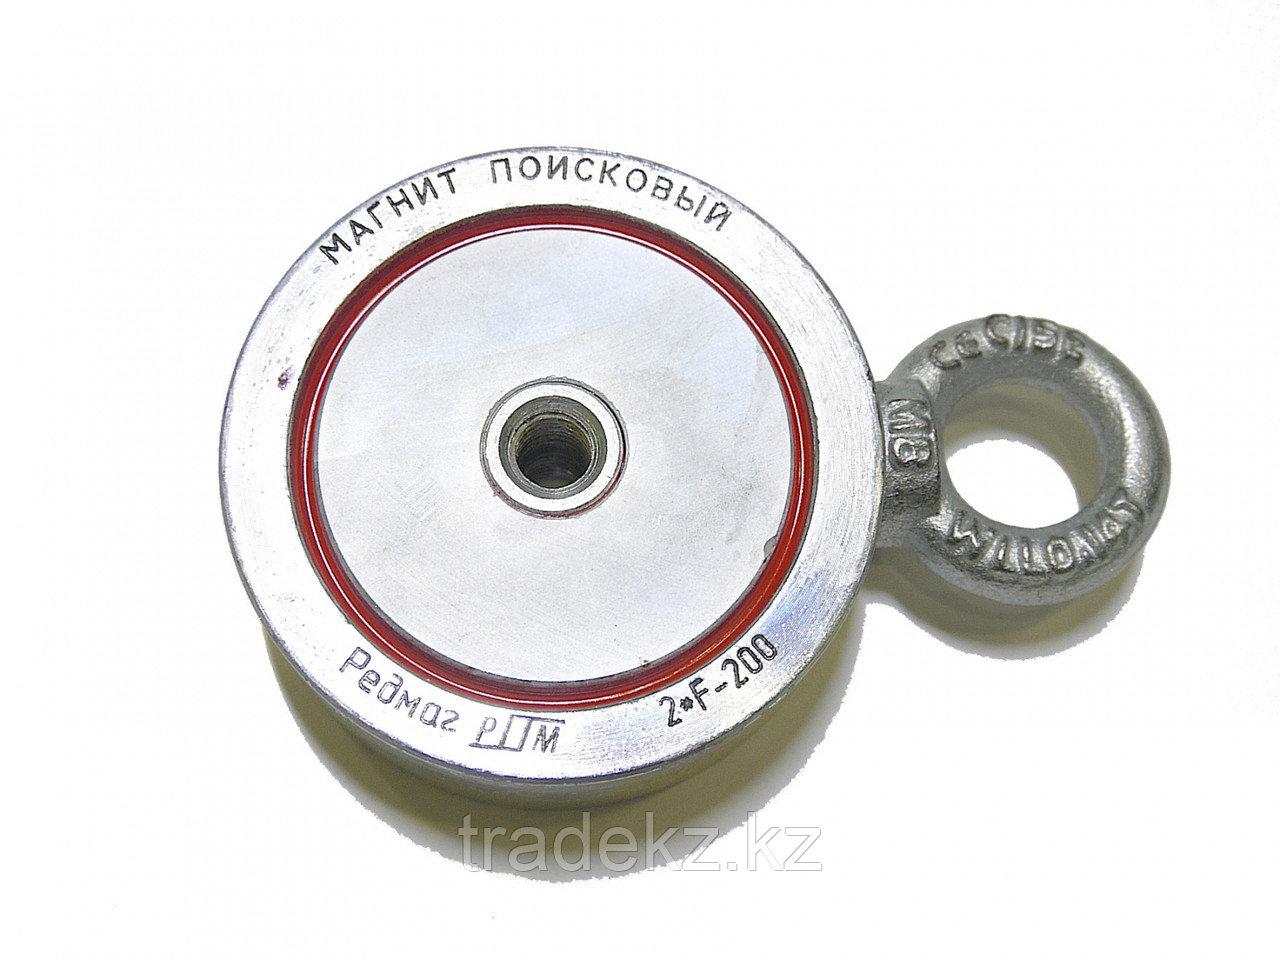 Магнит поисковый Редмаг F200х2 двухсторонний, усилие отрыва 200 кг